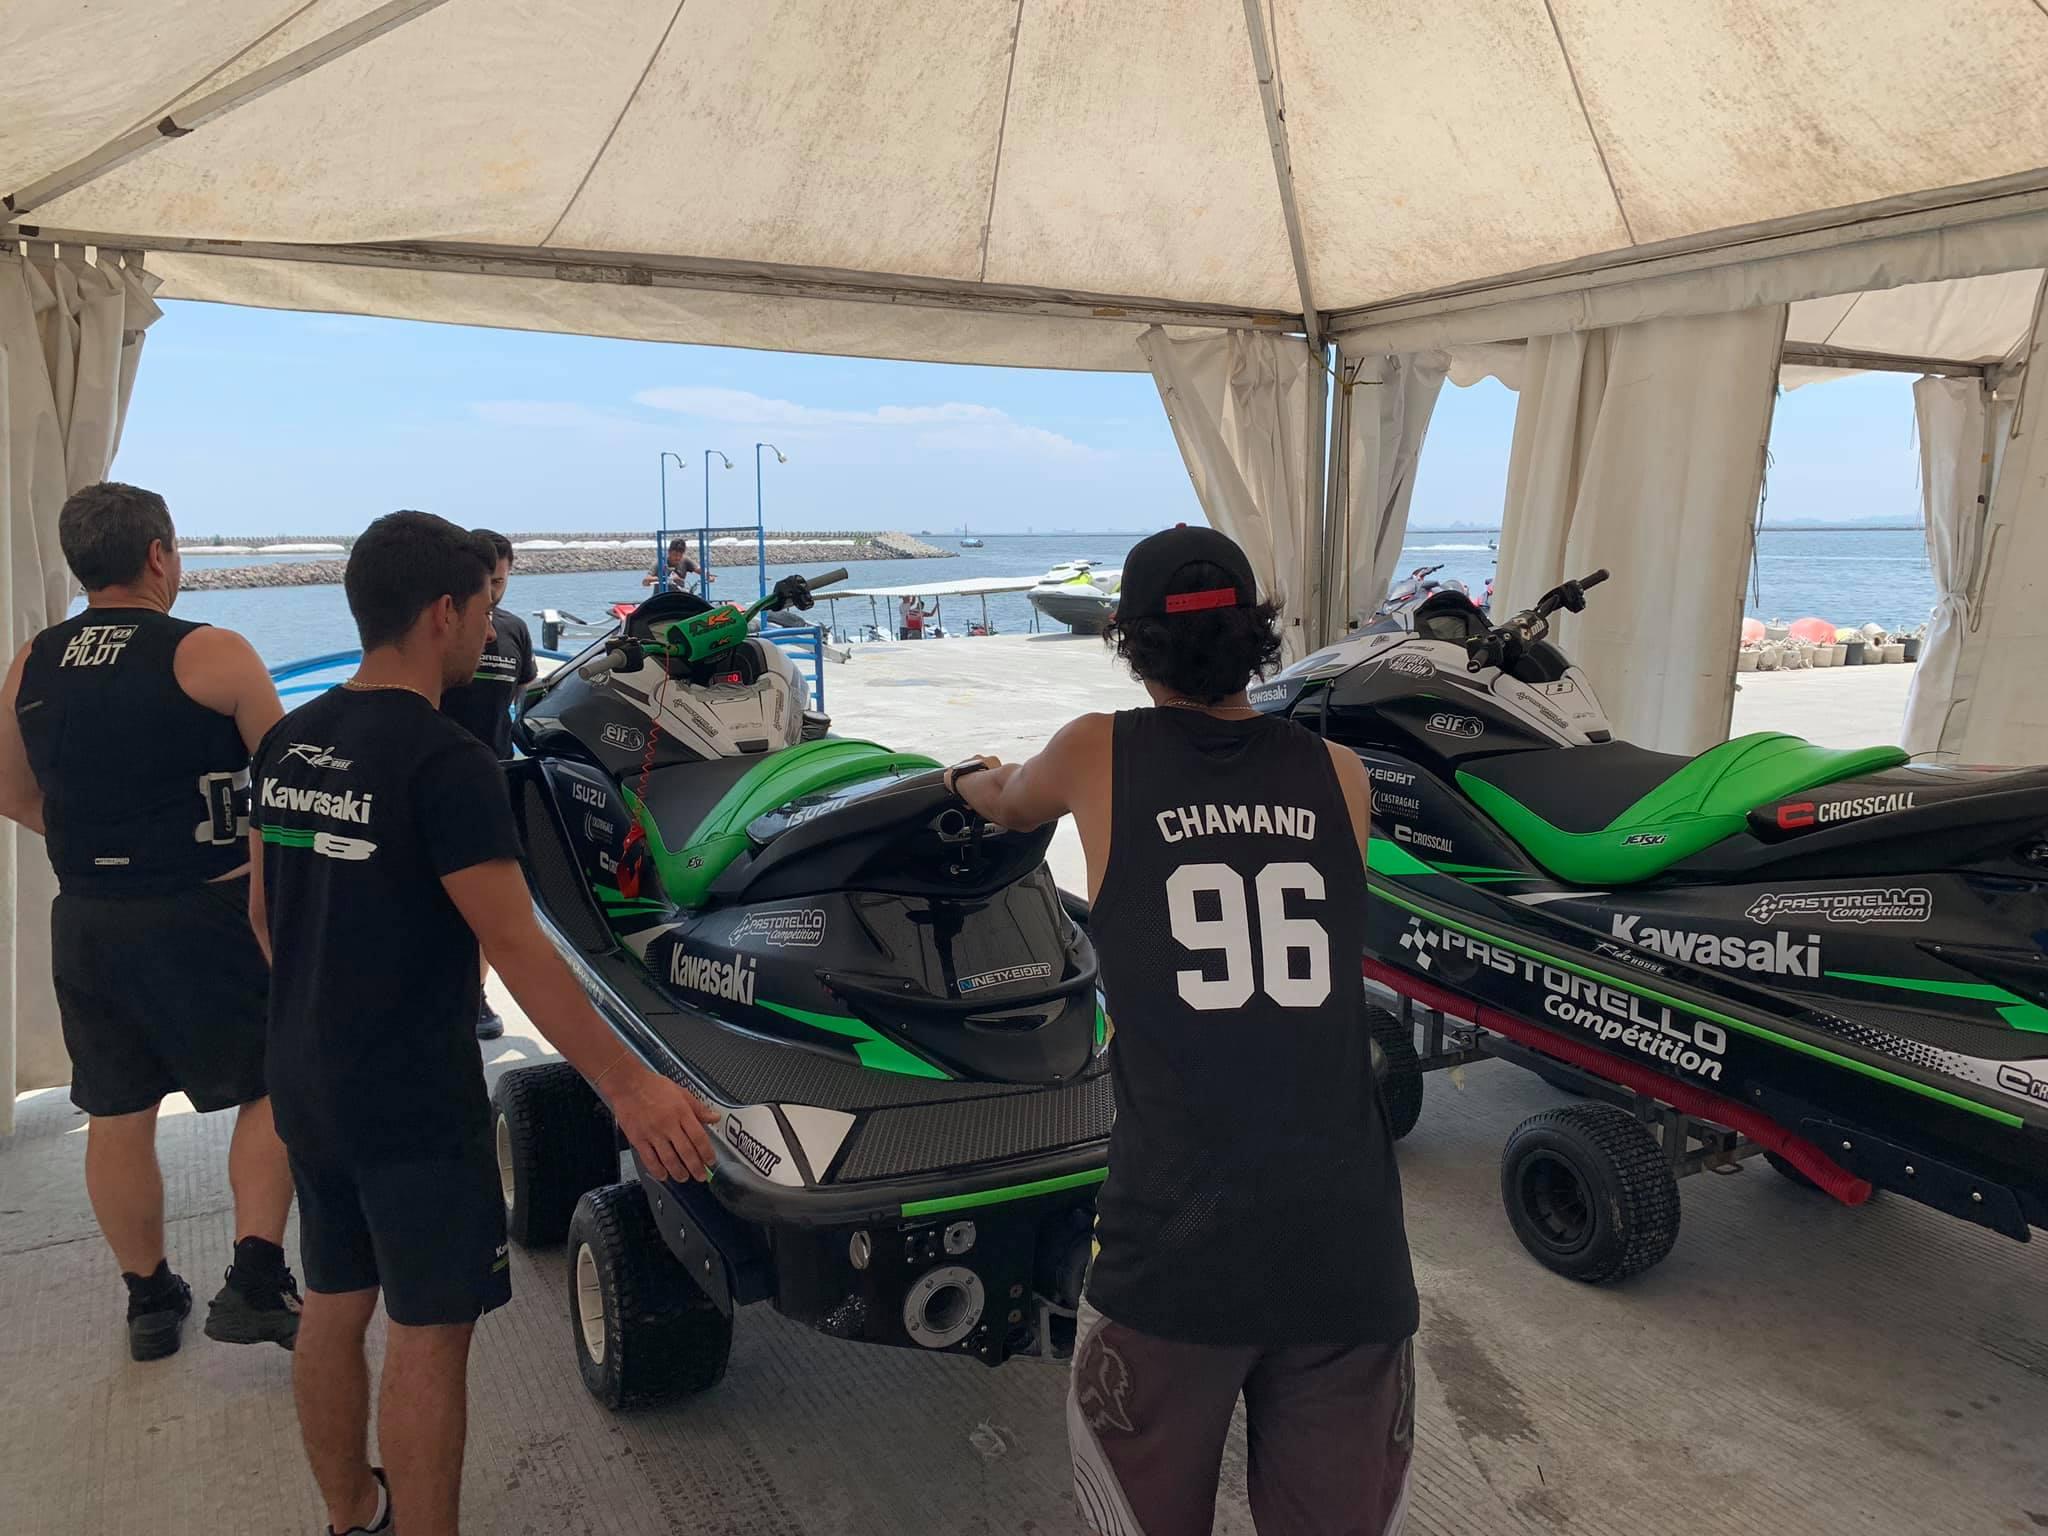 Team Pastorello Compétition